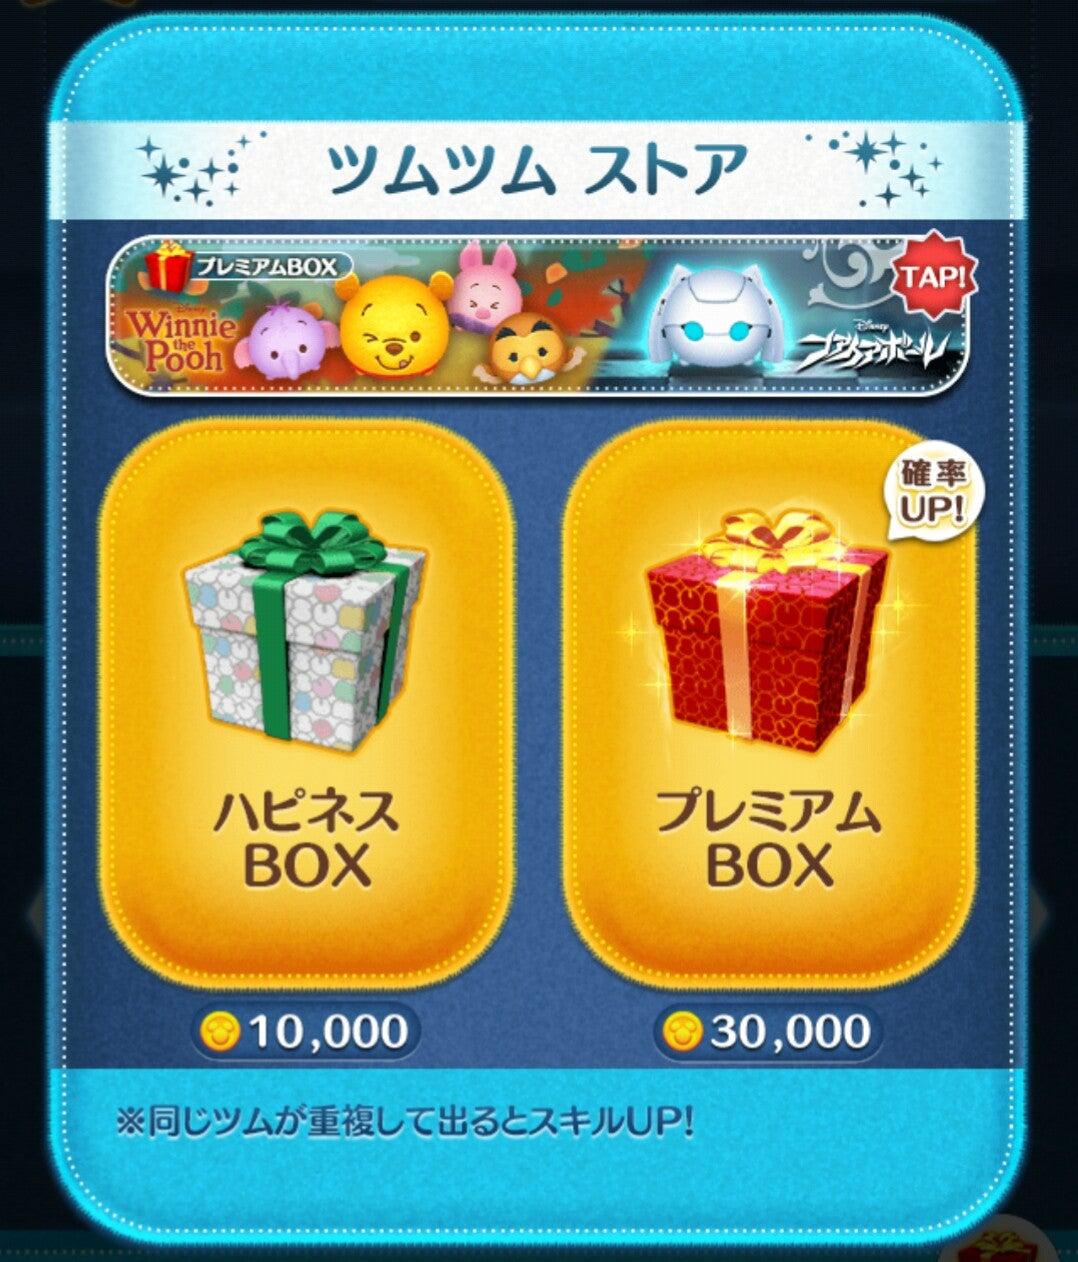 Box ハピネス